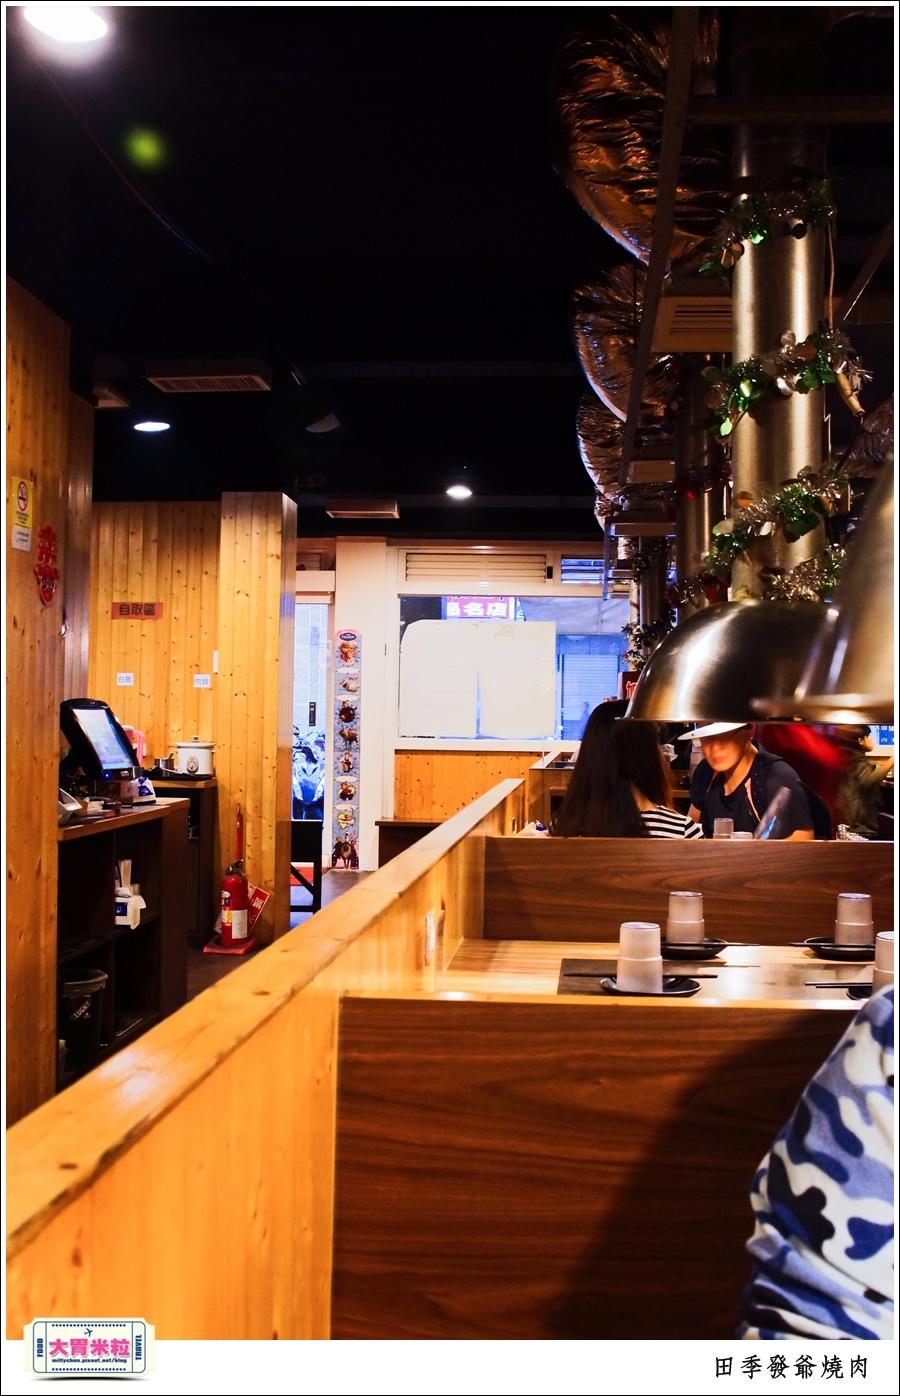 高雄火鍋燒肉吃到飽推薦@田季發爺燒肉高雄自強店@大胃米粒0010.jpg